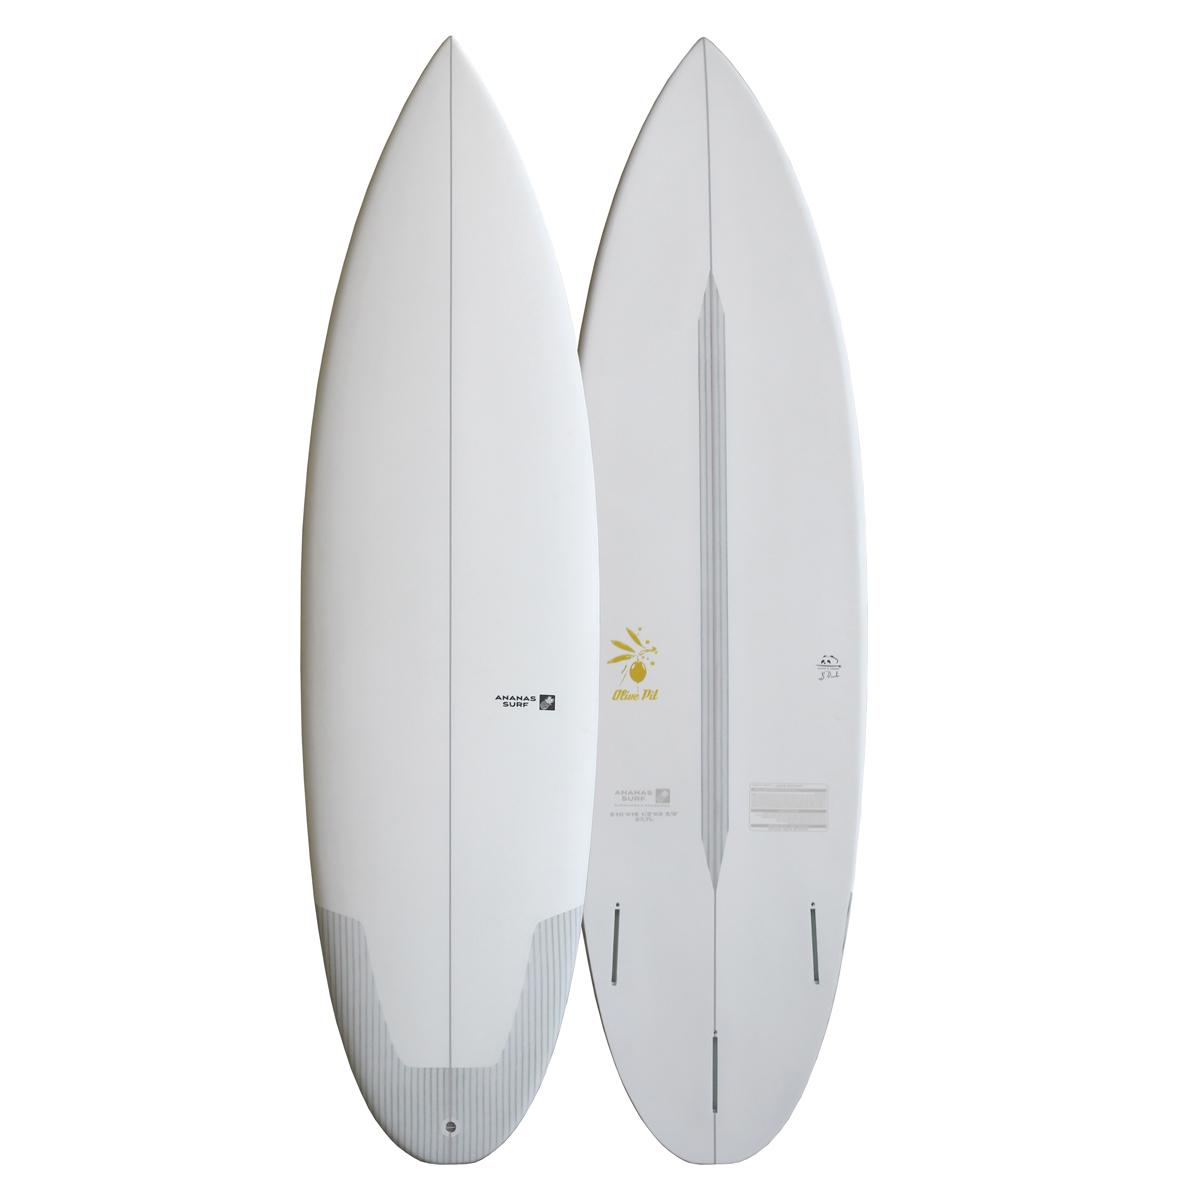 Ananas Surf Olive Pit shortboard